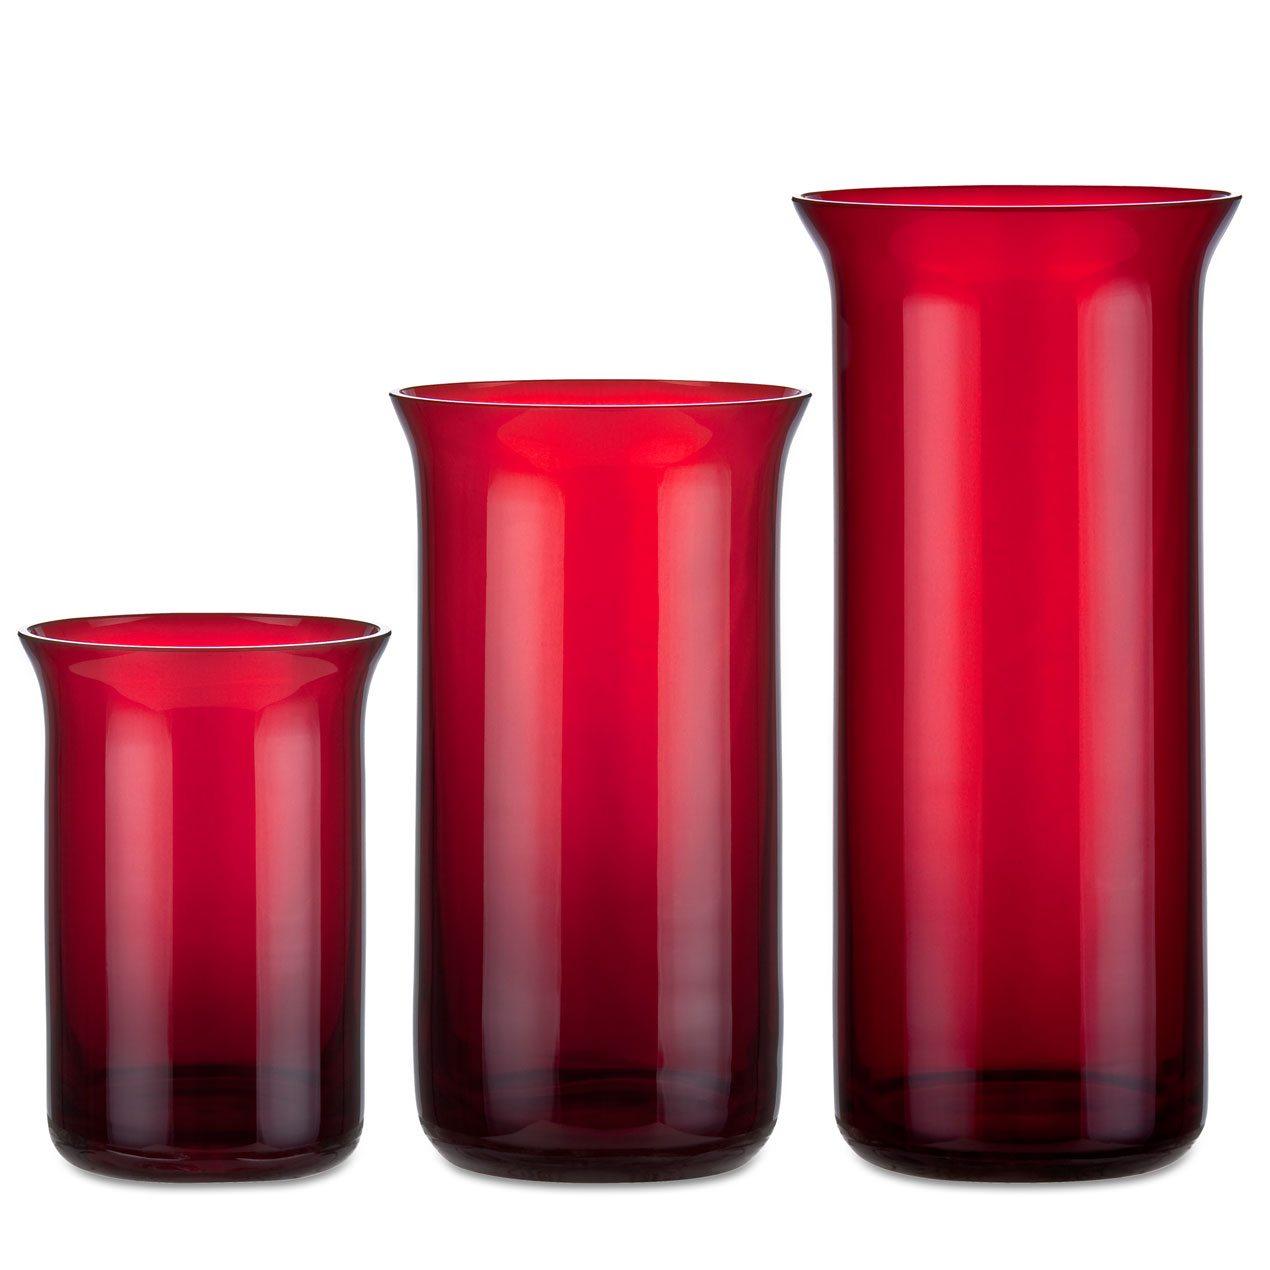 Ewiglicht-Gläser ausgestellt